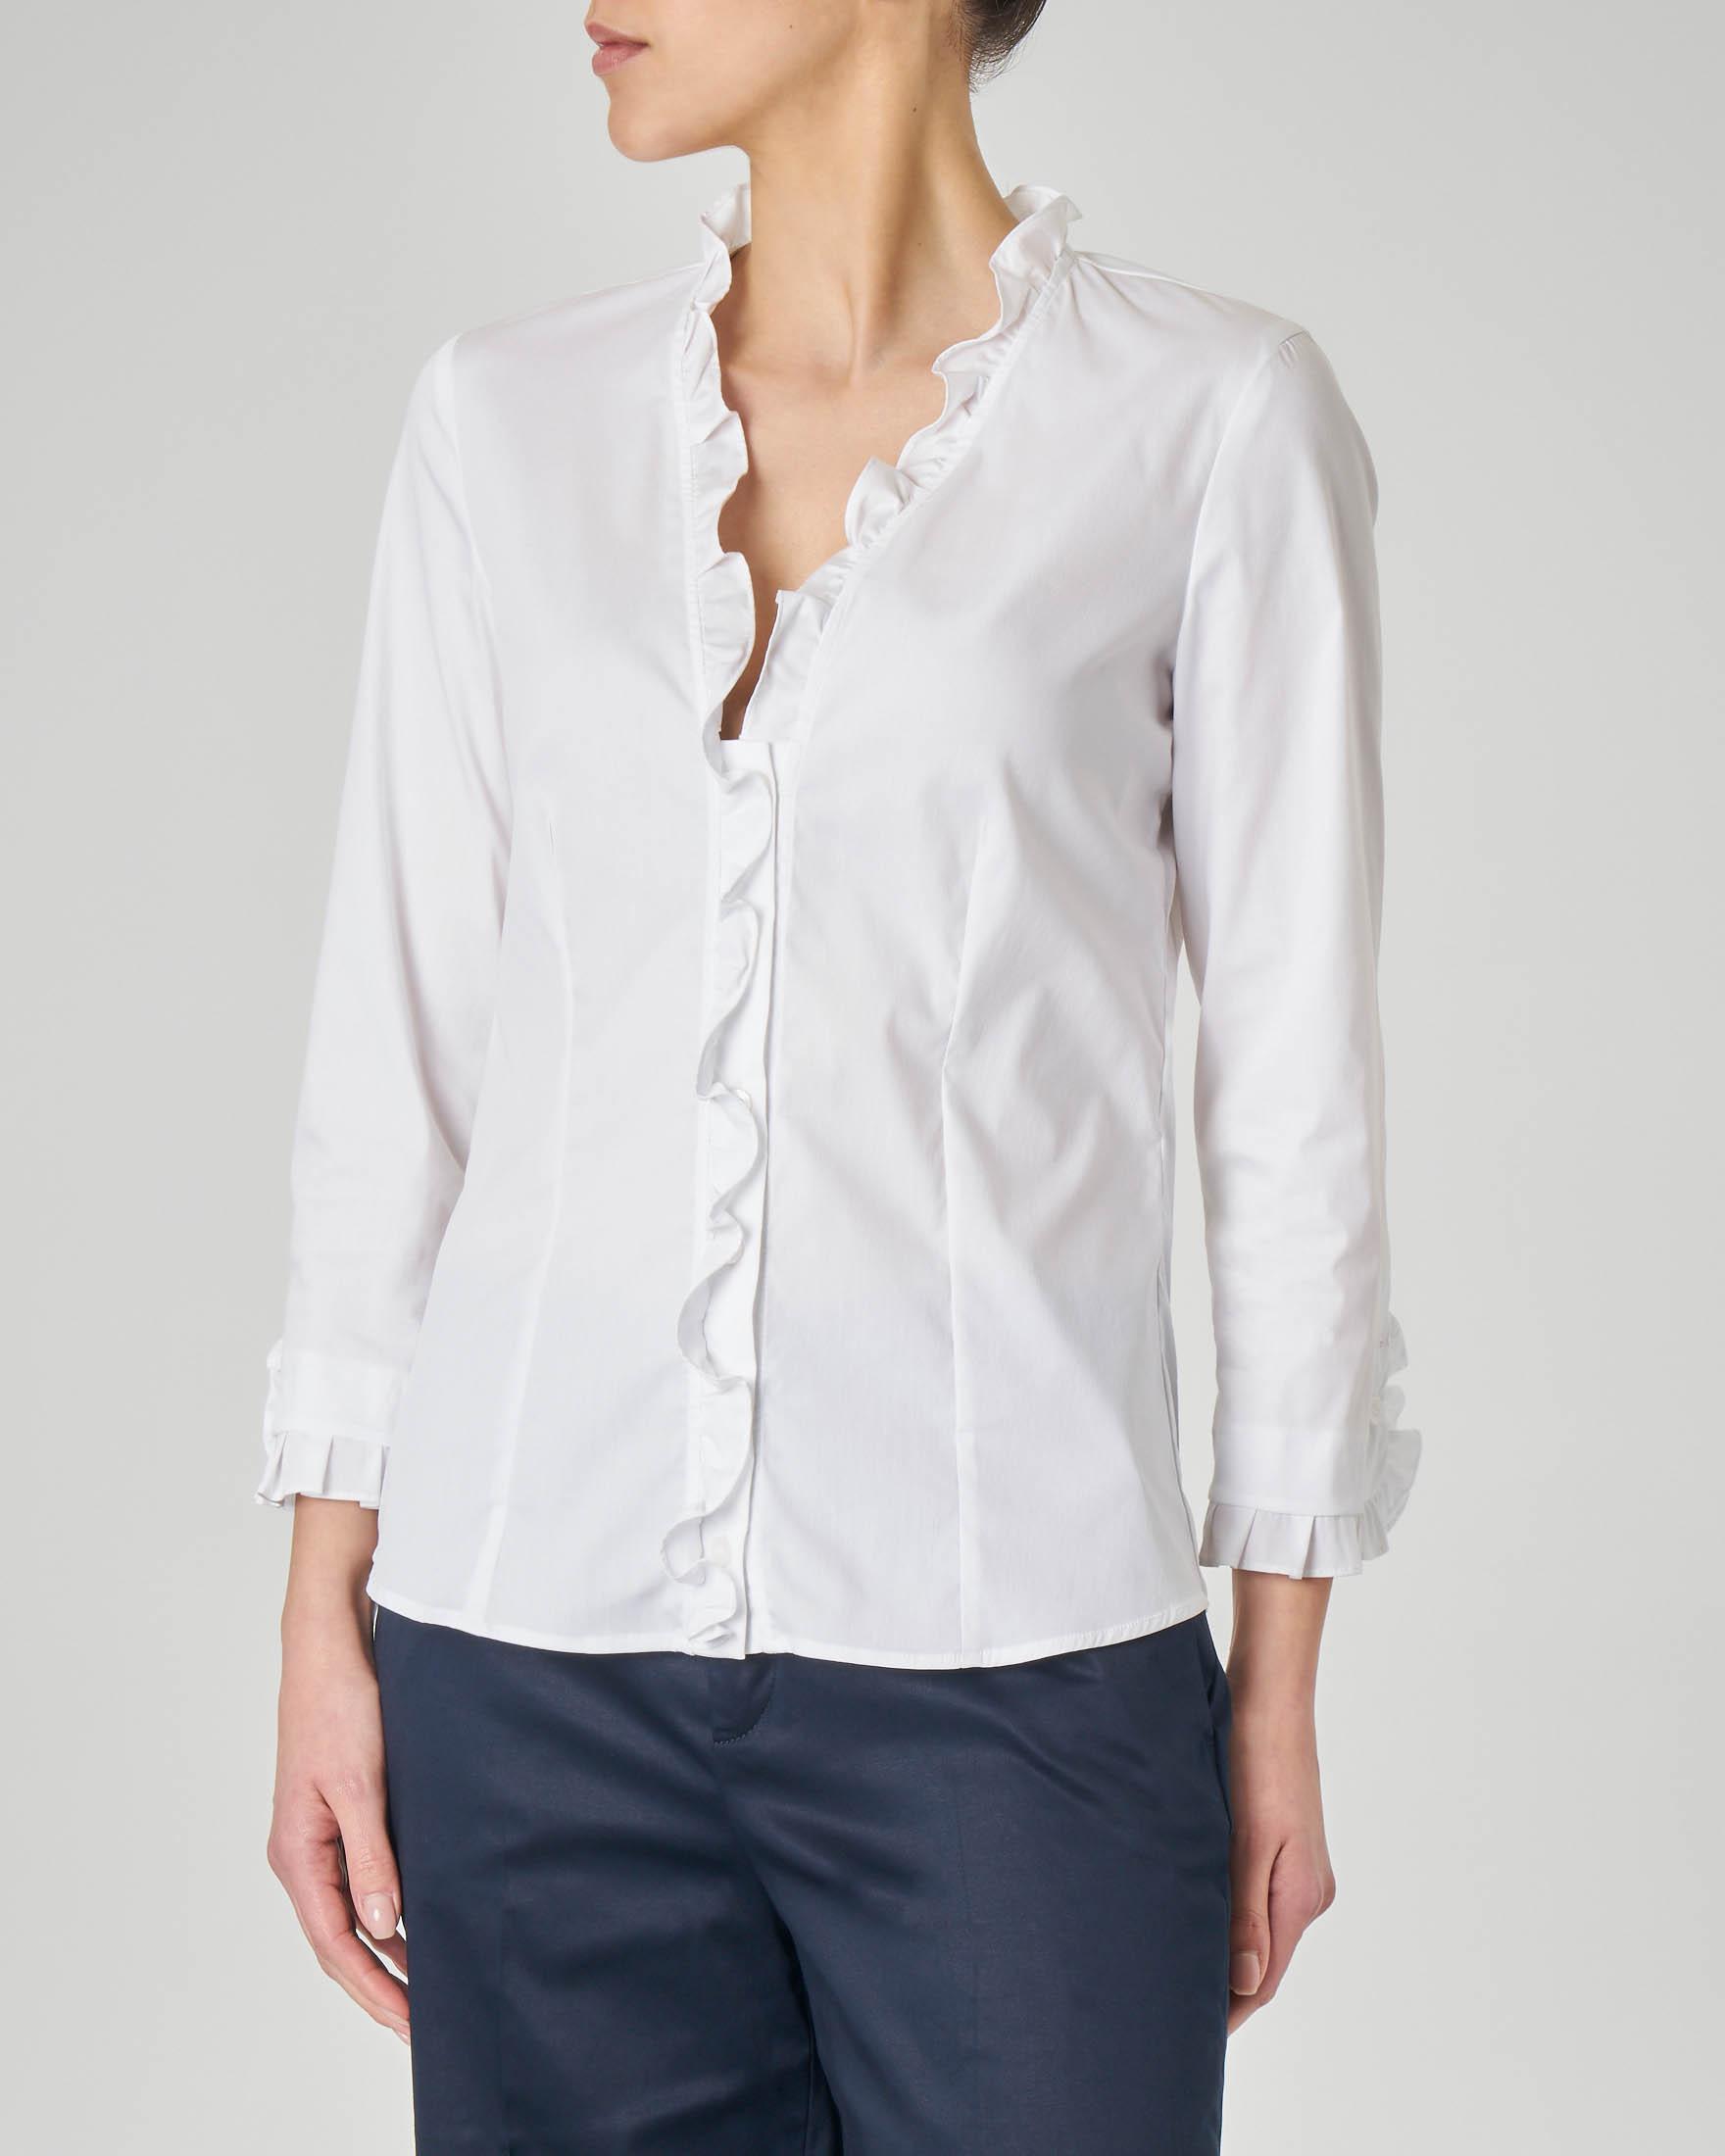 Camicia bianca in cotone elasticizzato con scollo a V con volant